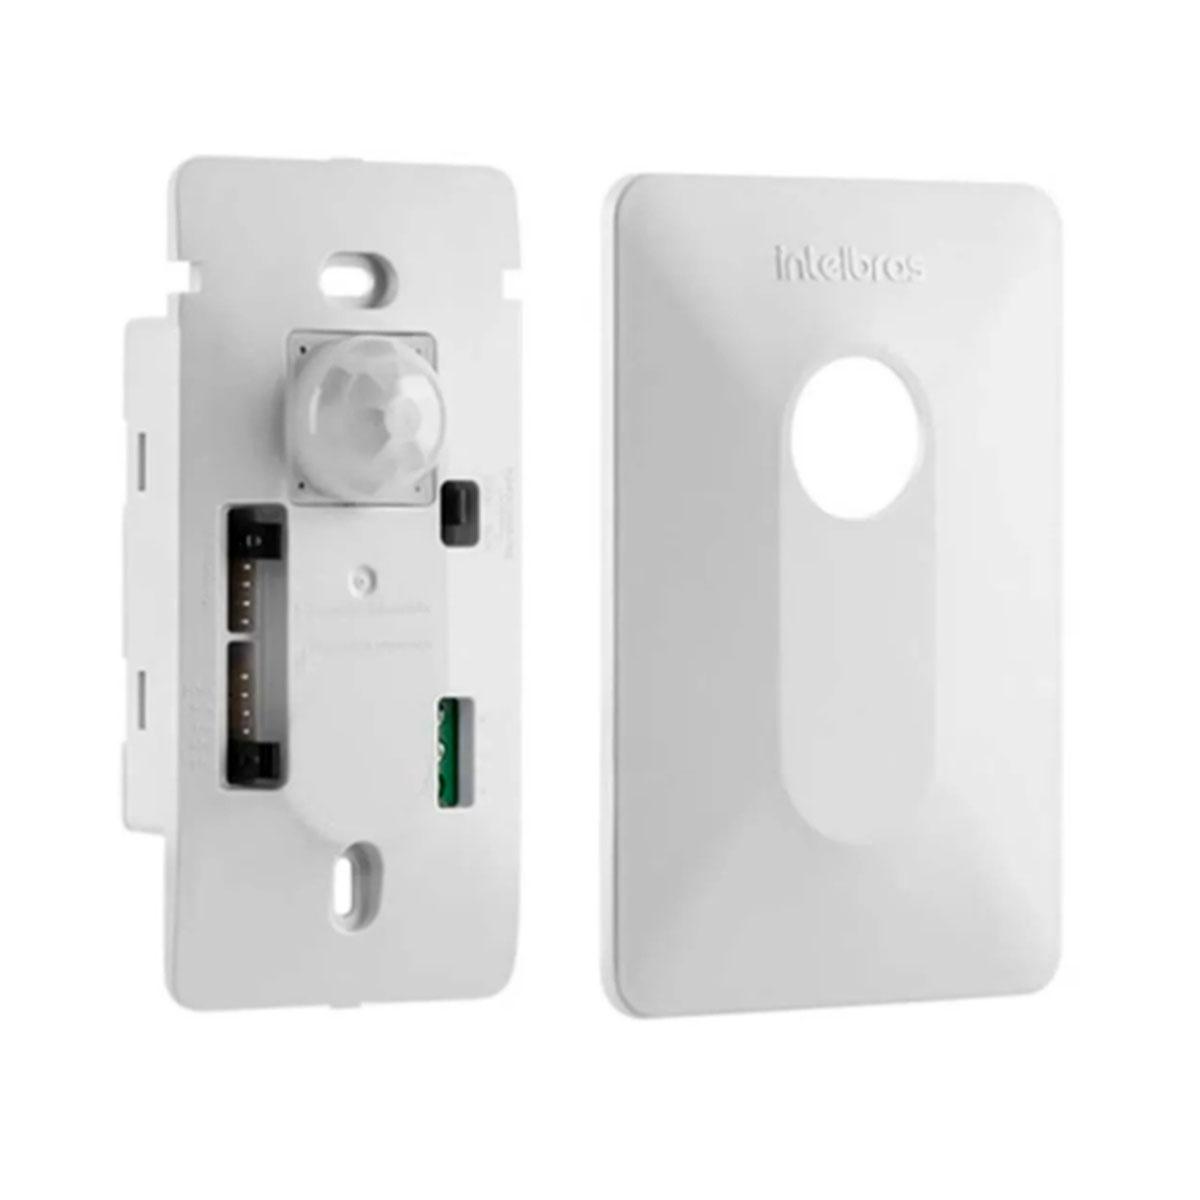 Kit 3 Interruptor Intelbras Presença e Iluminação Espi 180 E